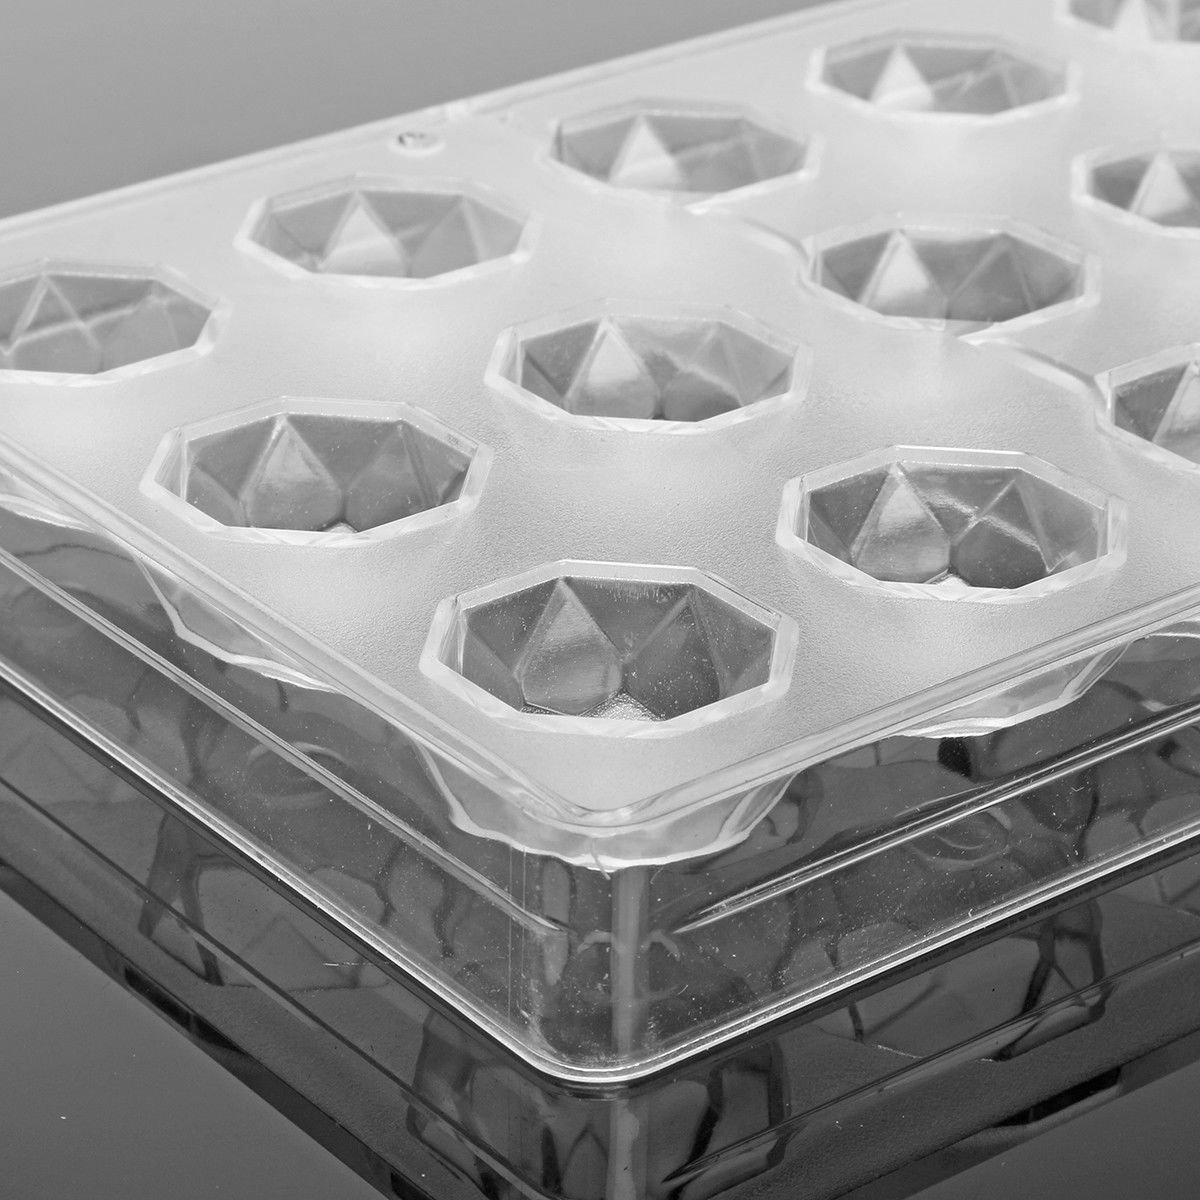 Cikuso Polycarbonate Dur Transparent de Fabricant de Chocolat DIY 21 Demi Moule de Sucrerie de Boule Mini Moule